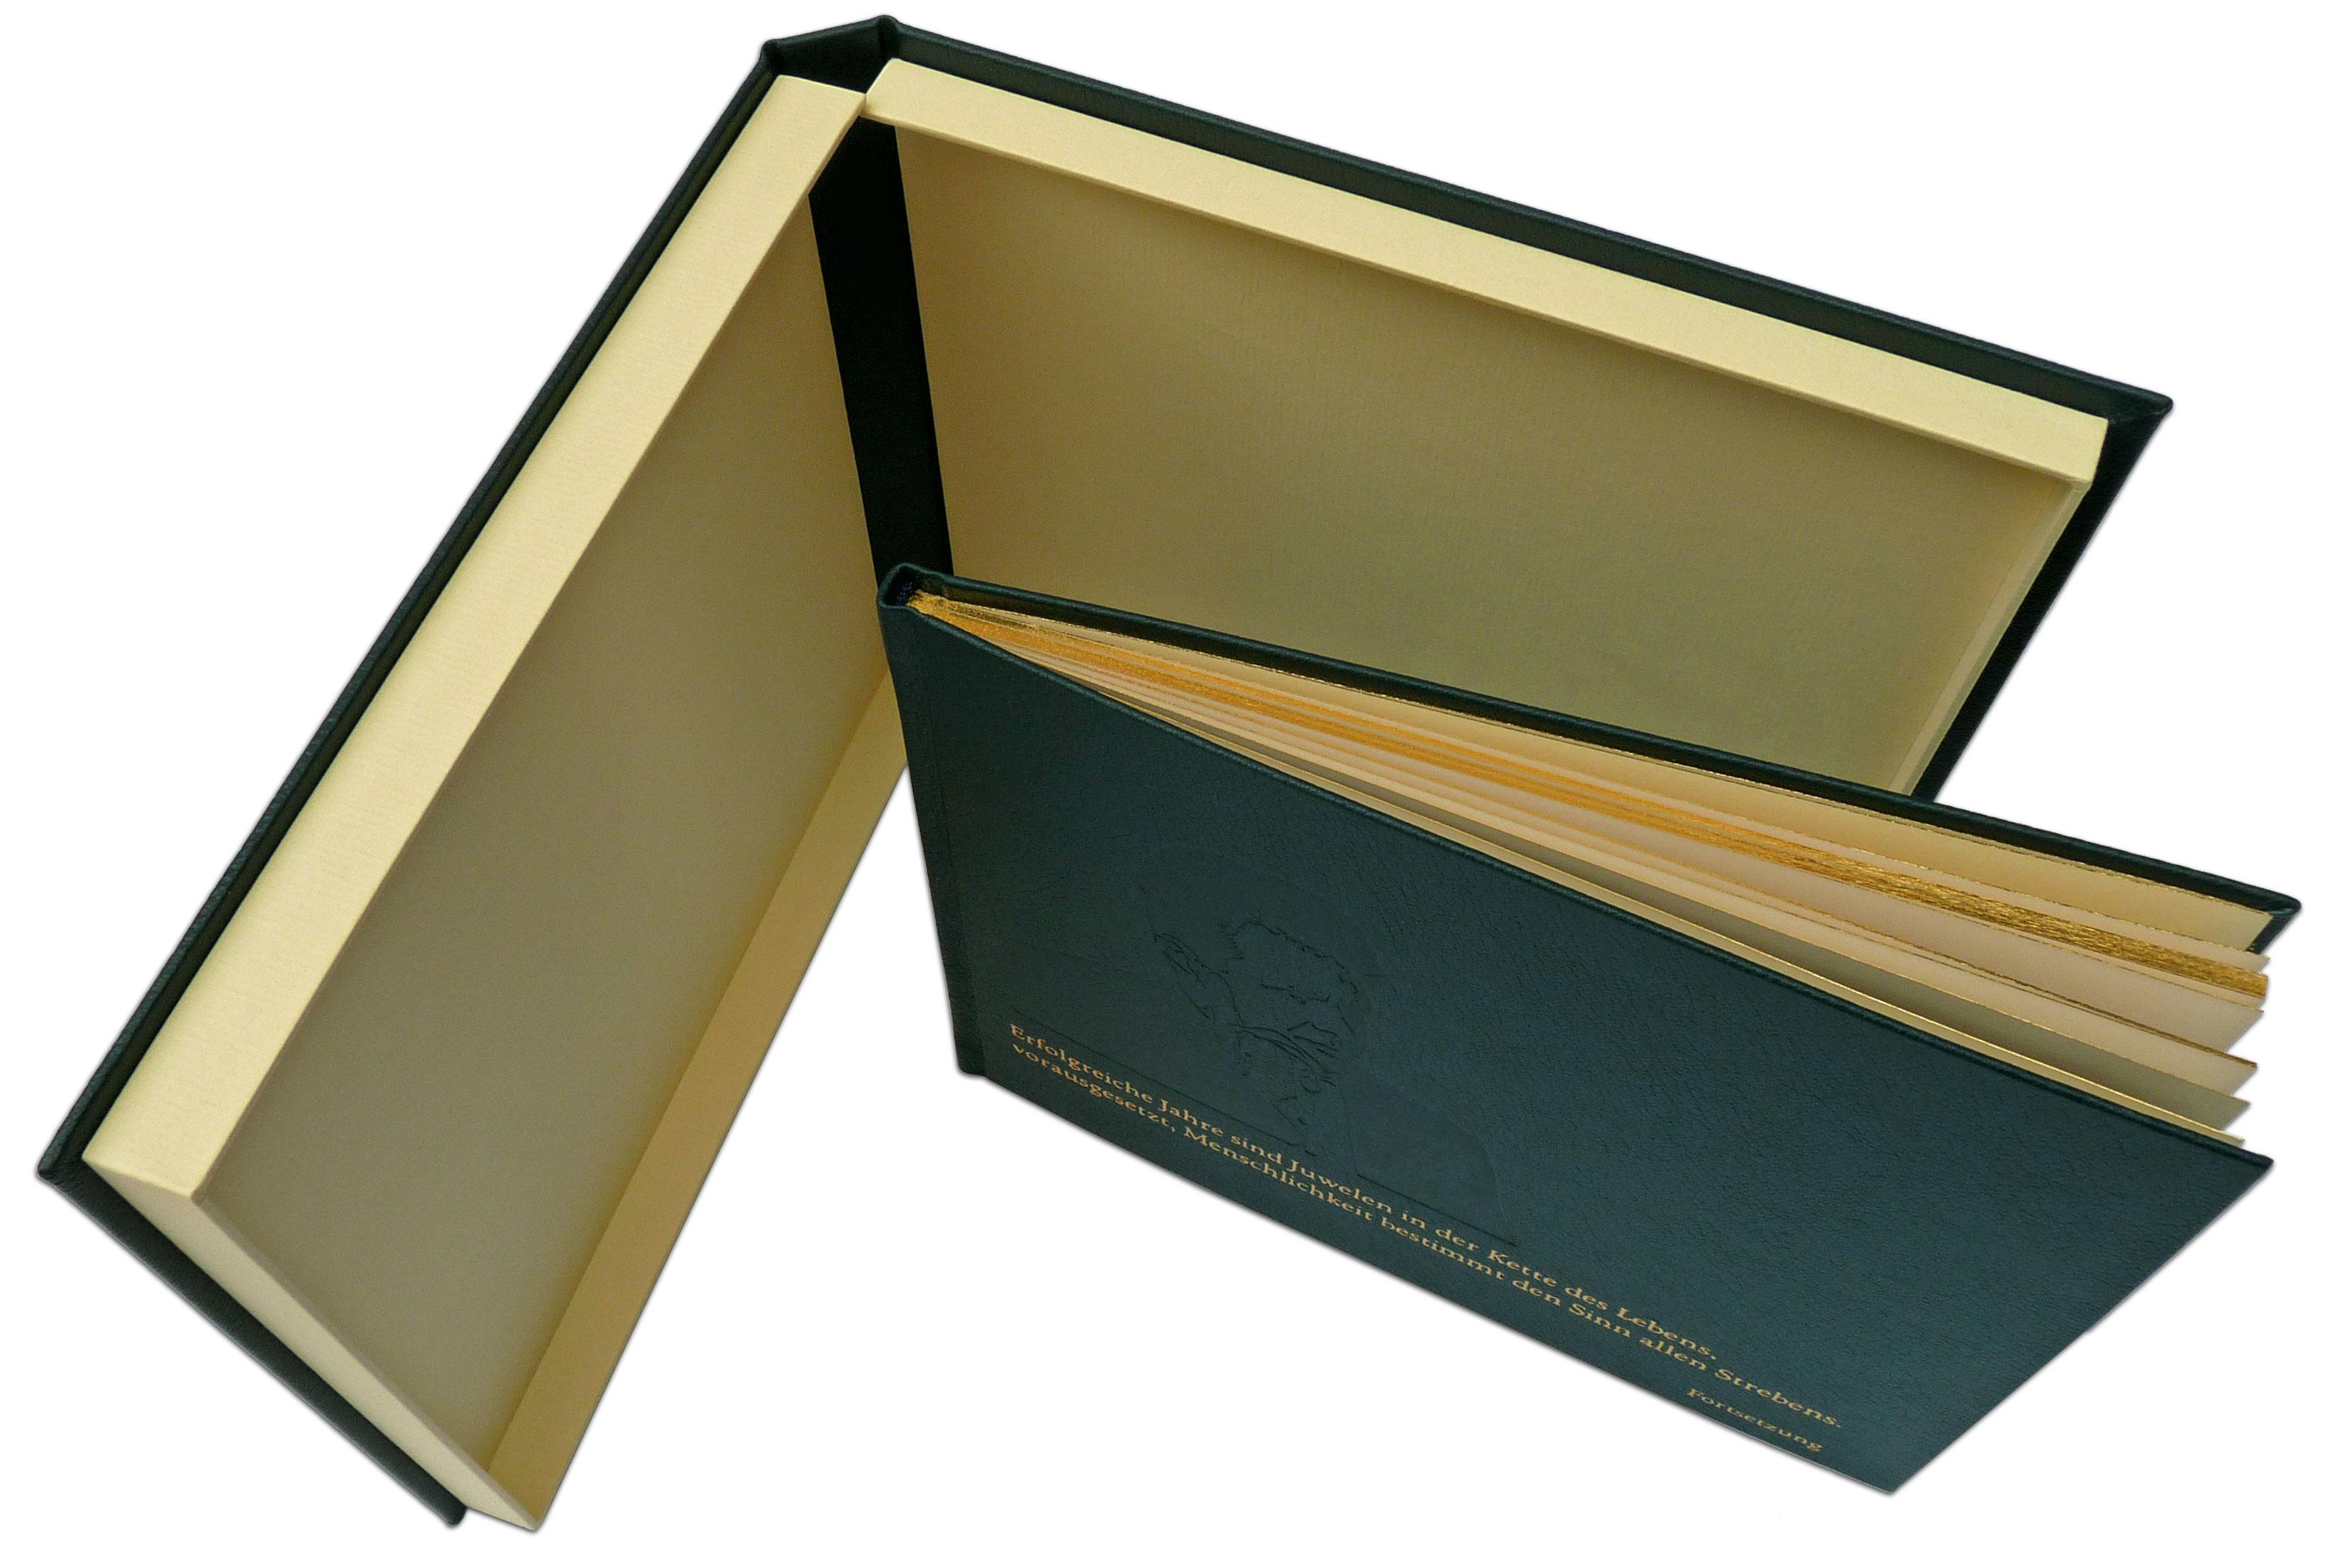 Buchkassette in Leder